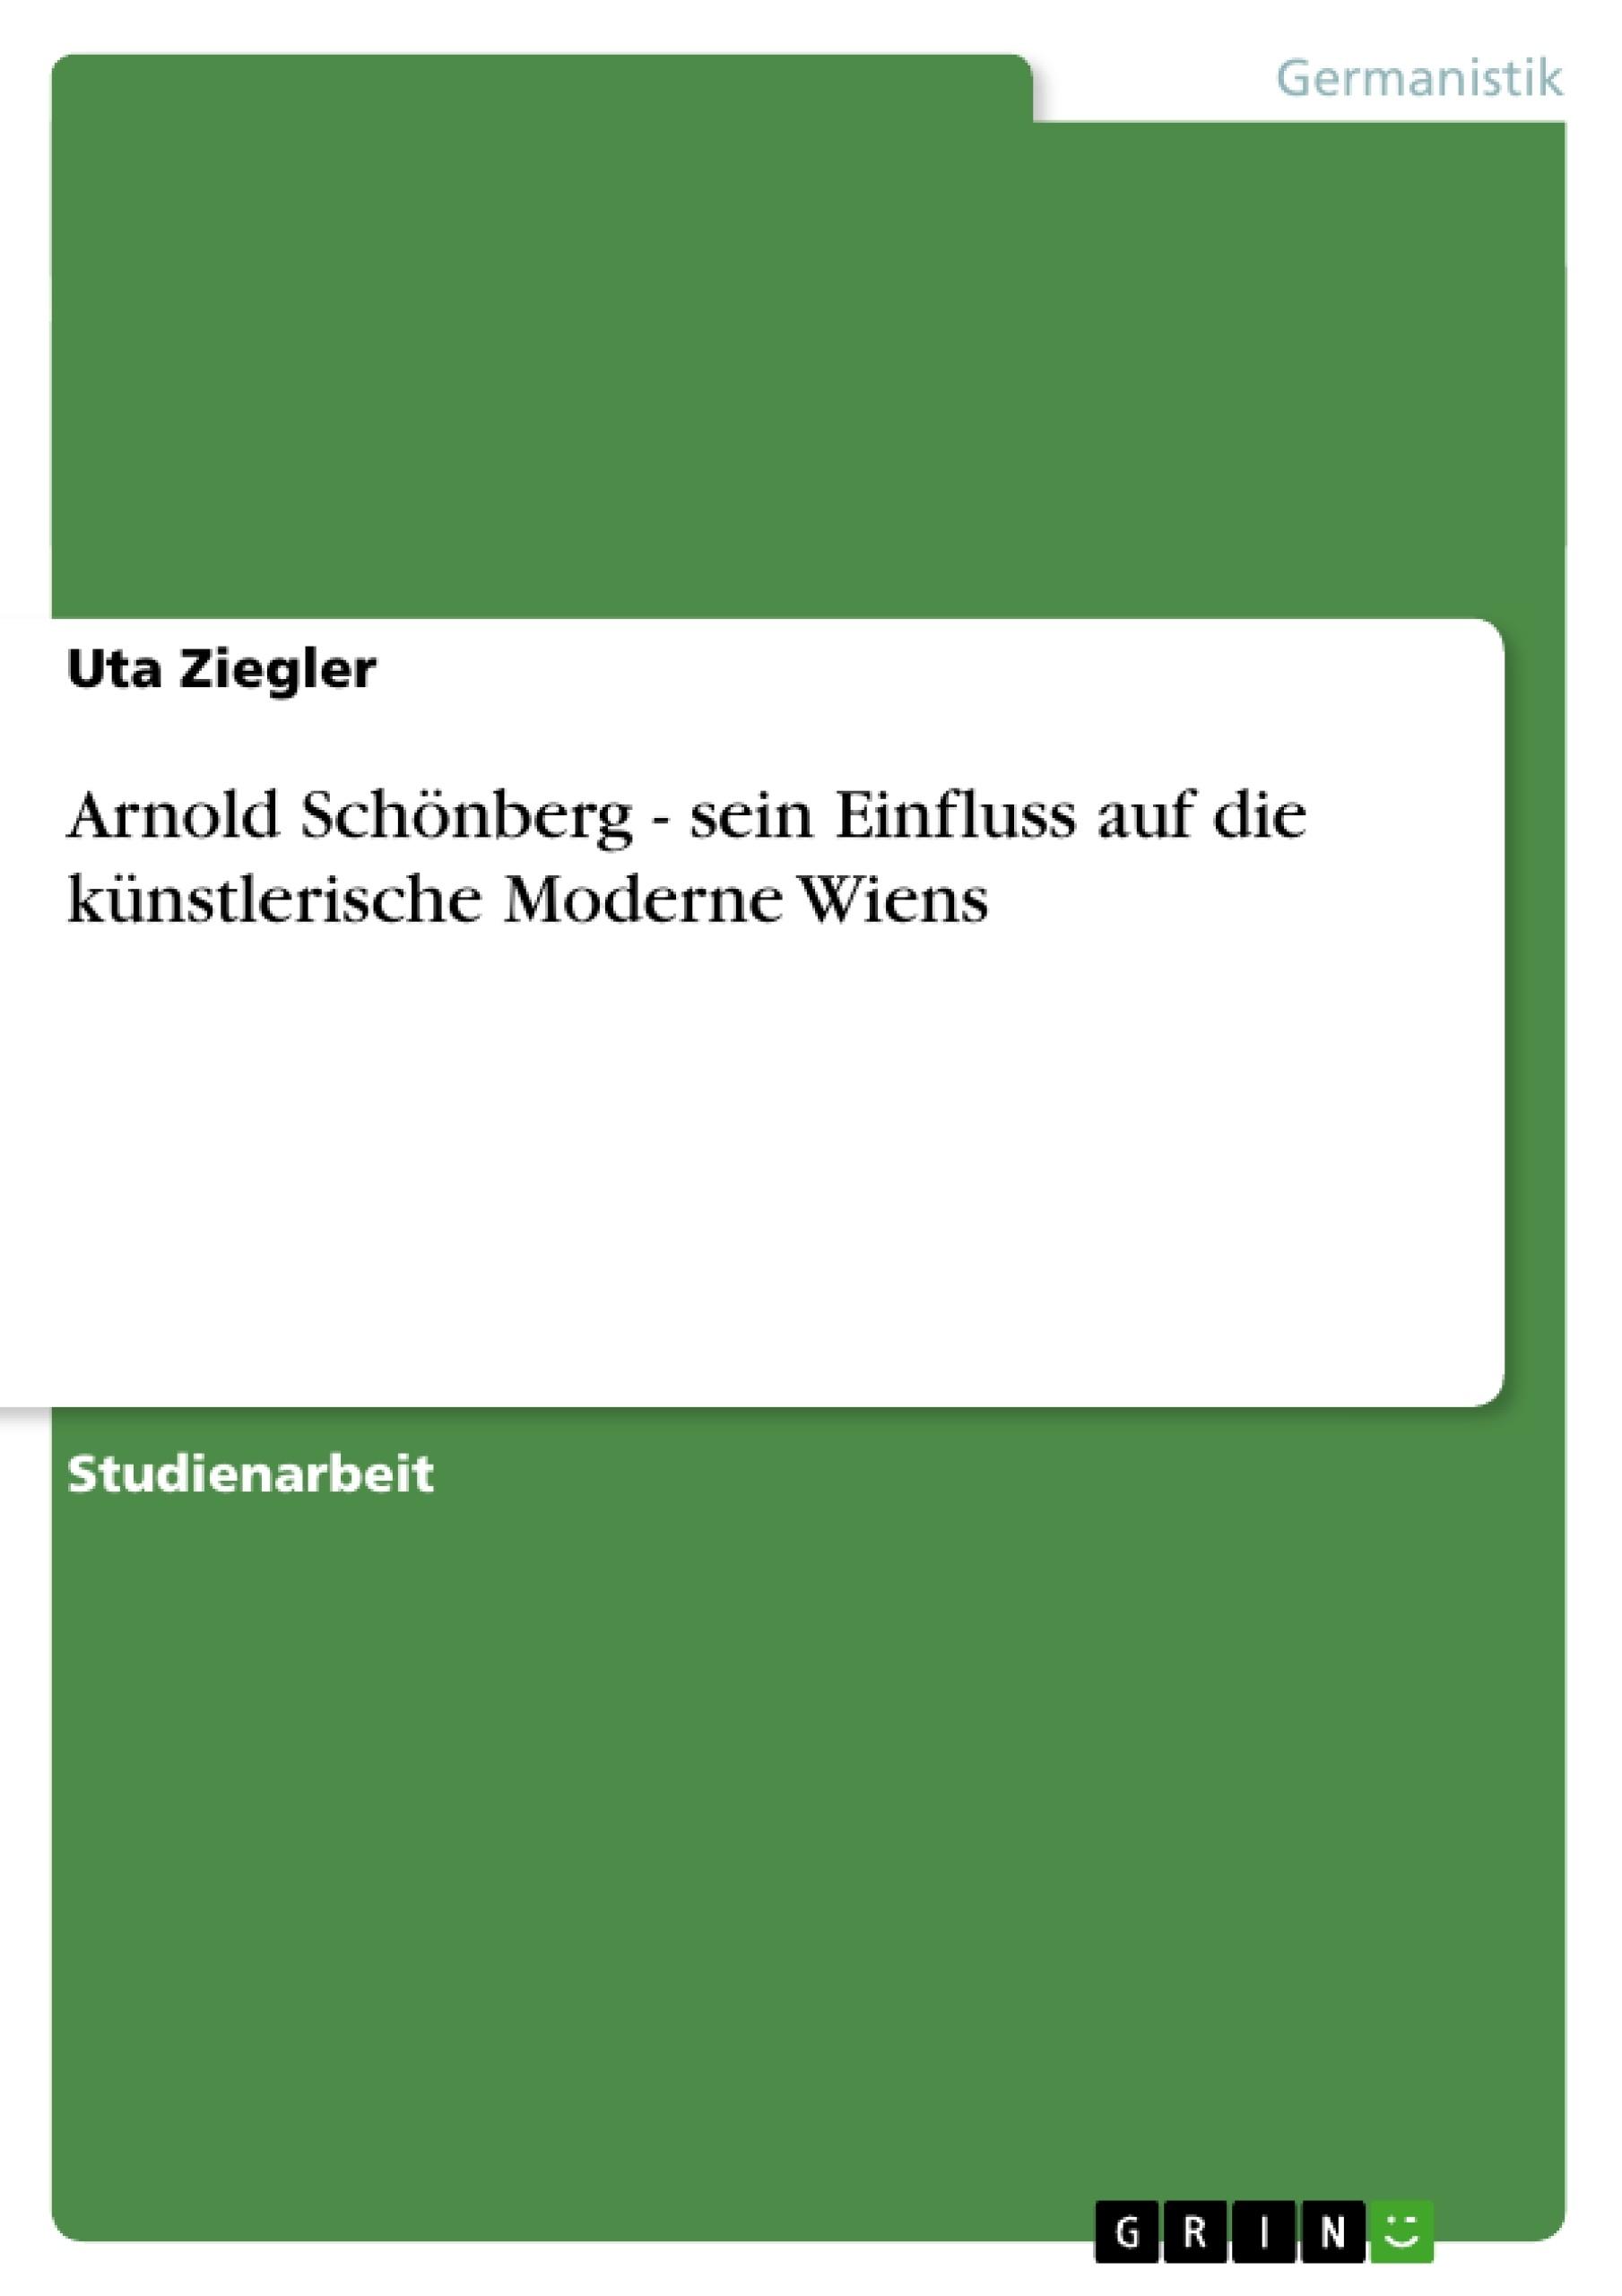 Titel: Arnold Schönberg - sein Einfluss auf die künstlerische Moderne Wiens